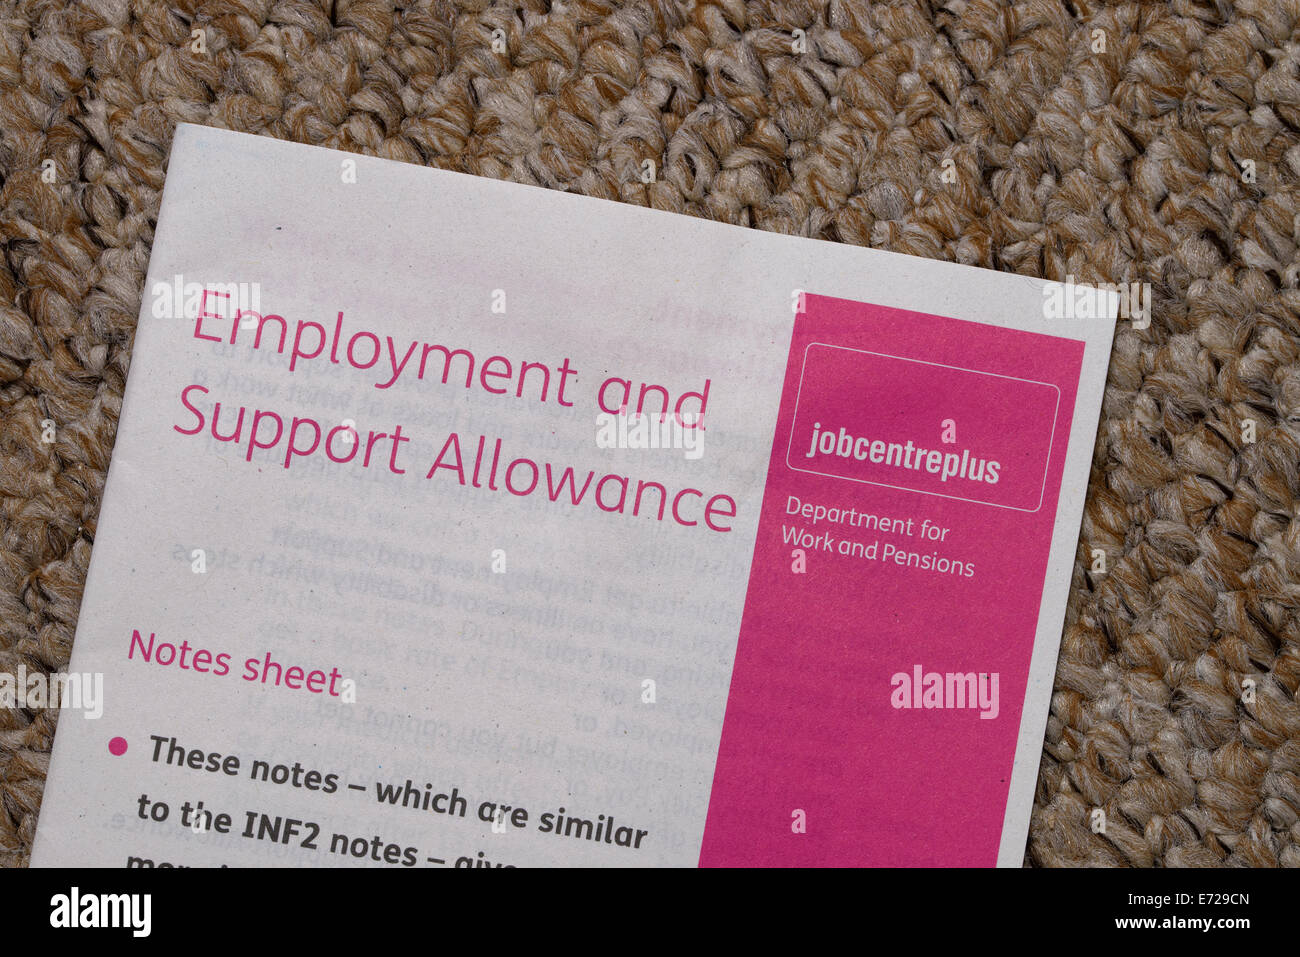 Notas para acompañar una hoja de empleo y subsidio de apoyo (SEC) Formulario de solicitud Imagen De Stock